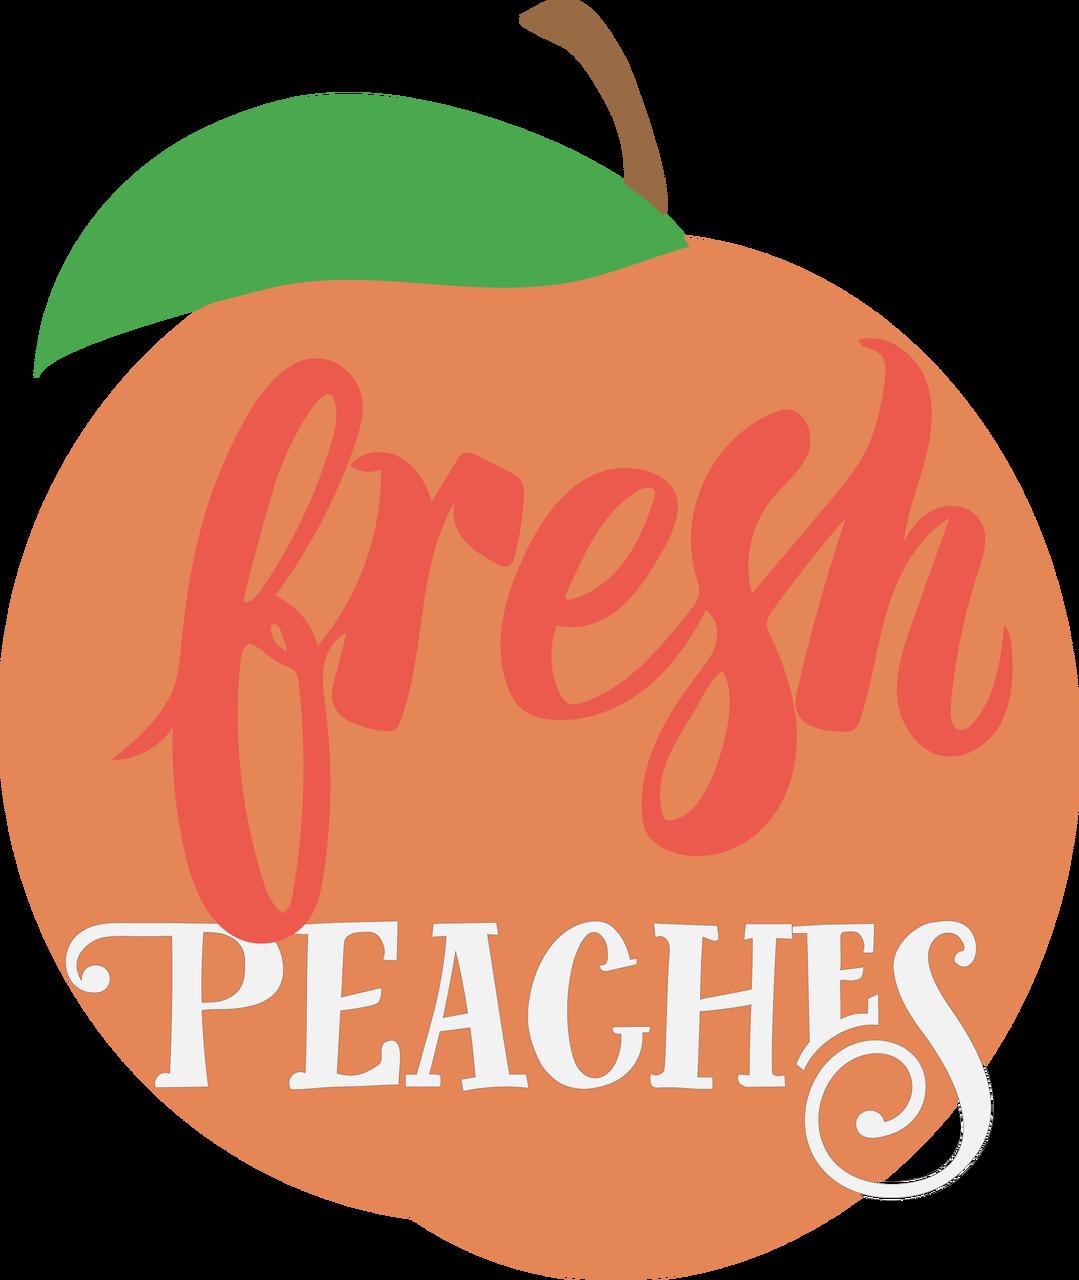 Fresh Peaches SVG Cut File